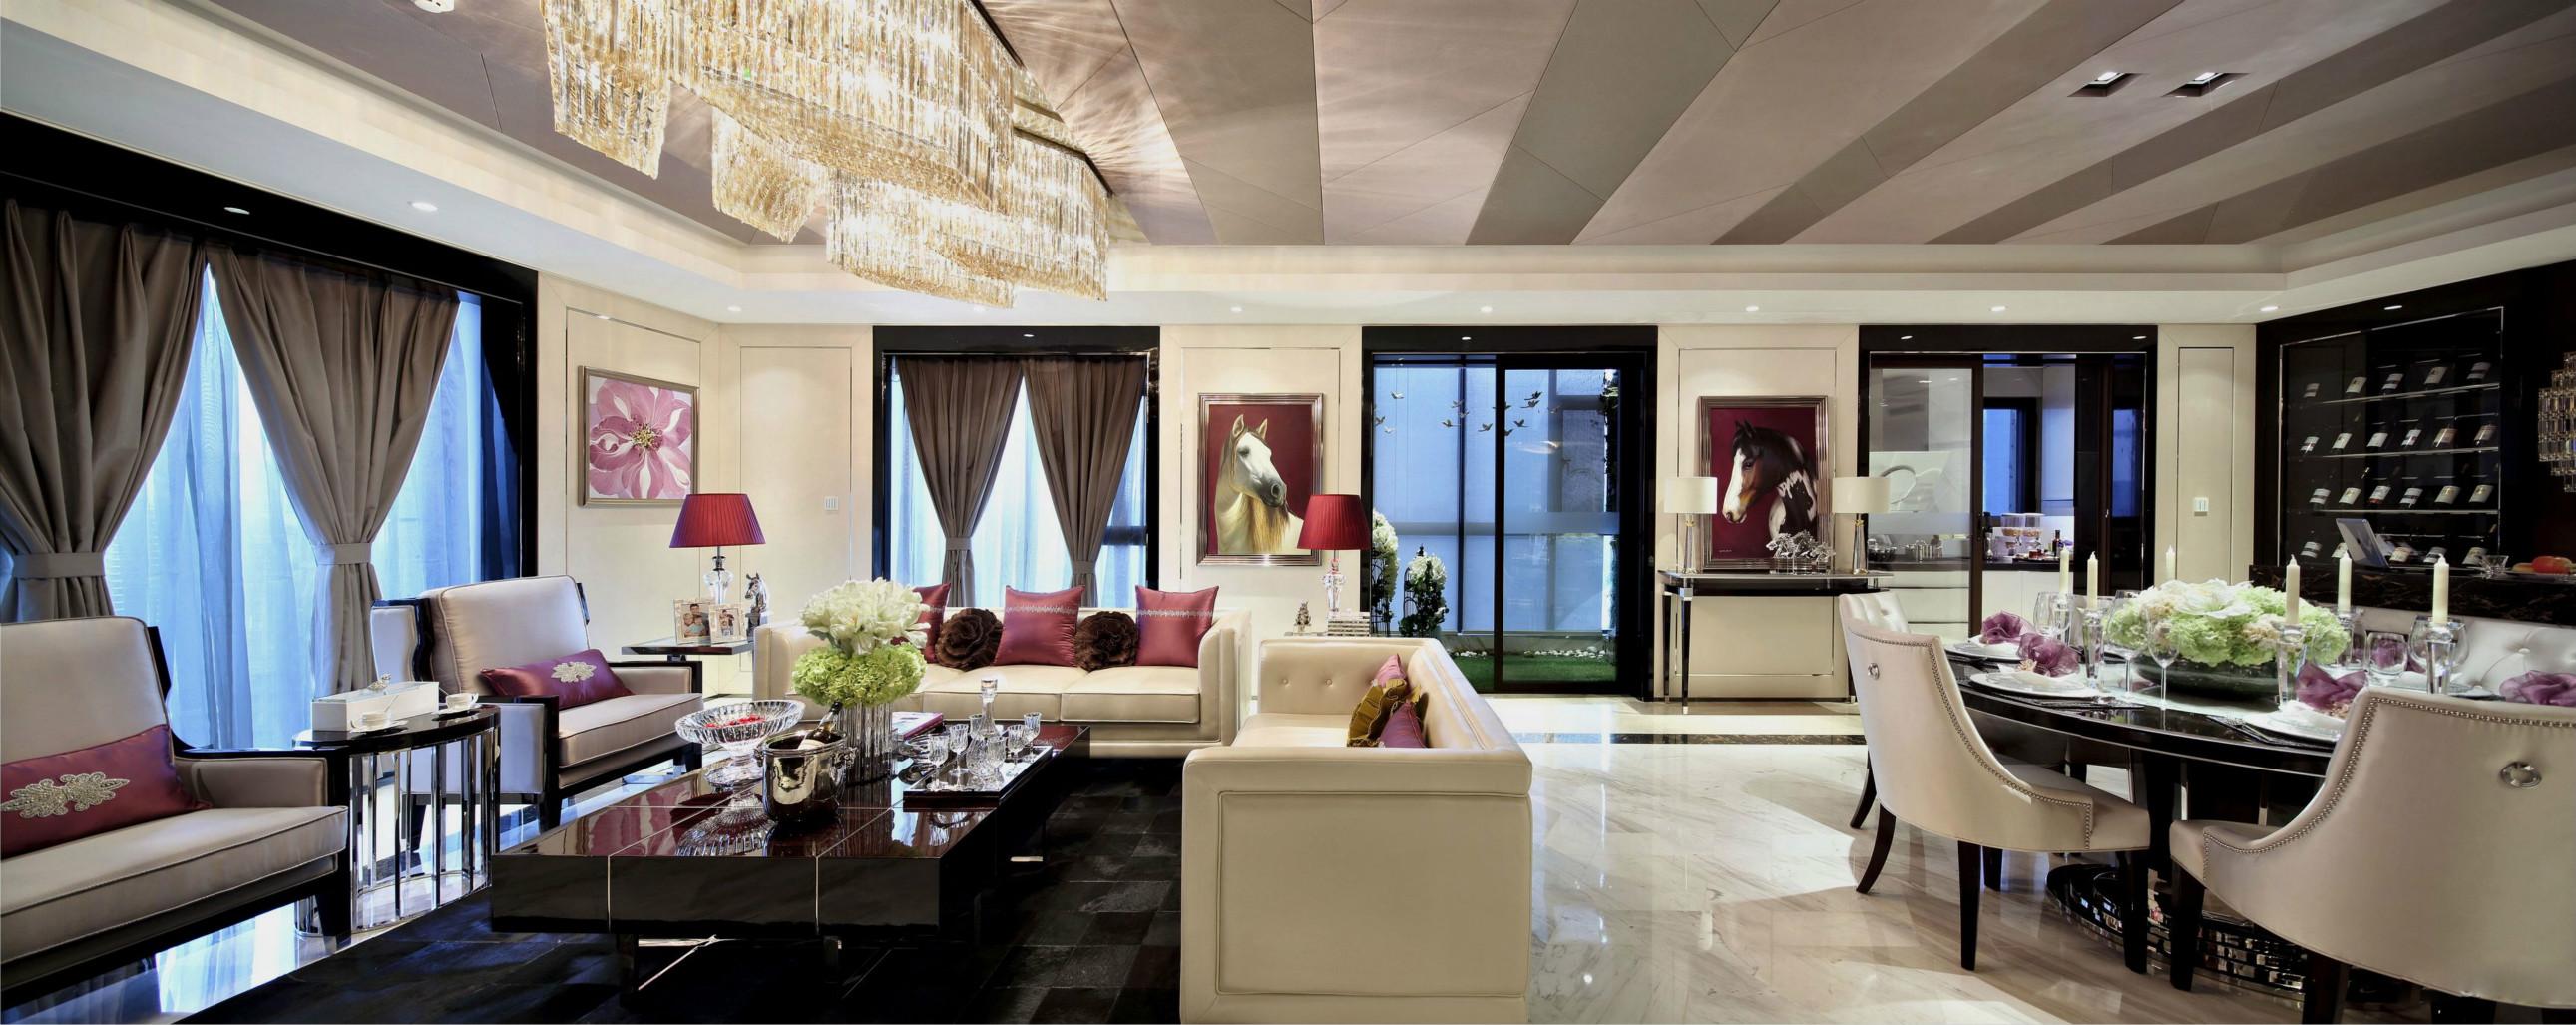 餐厅和客厅一体,中间不做隔断,整个室内空间更显通透敞亮。